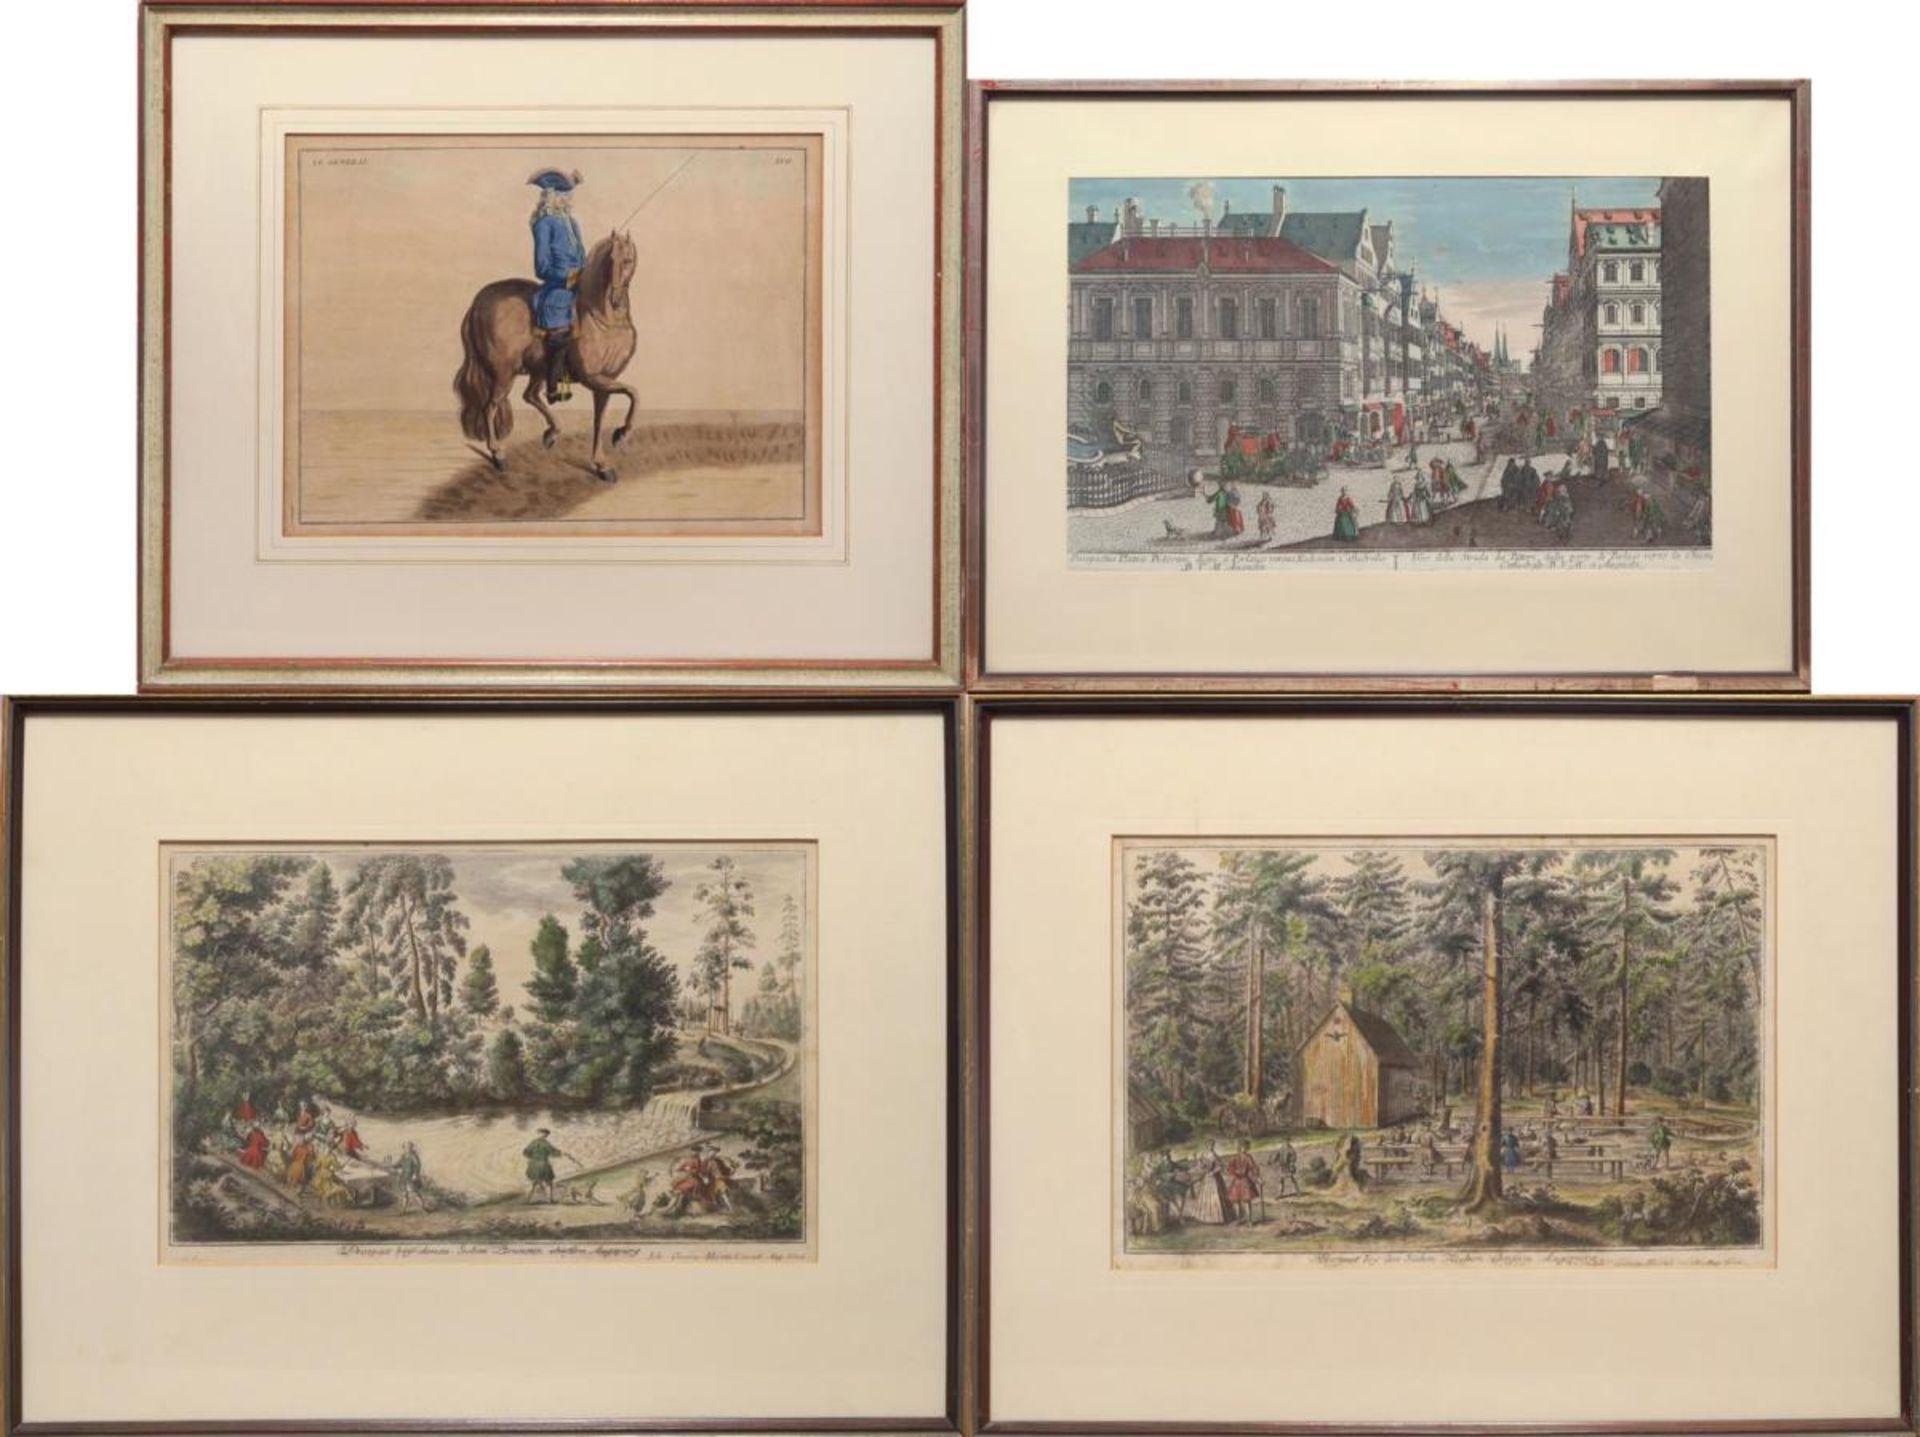 Stadtansicht / Zwei Landschaften / Reiter